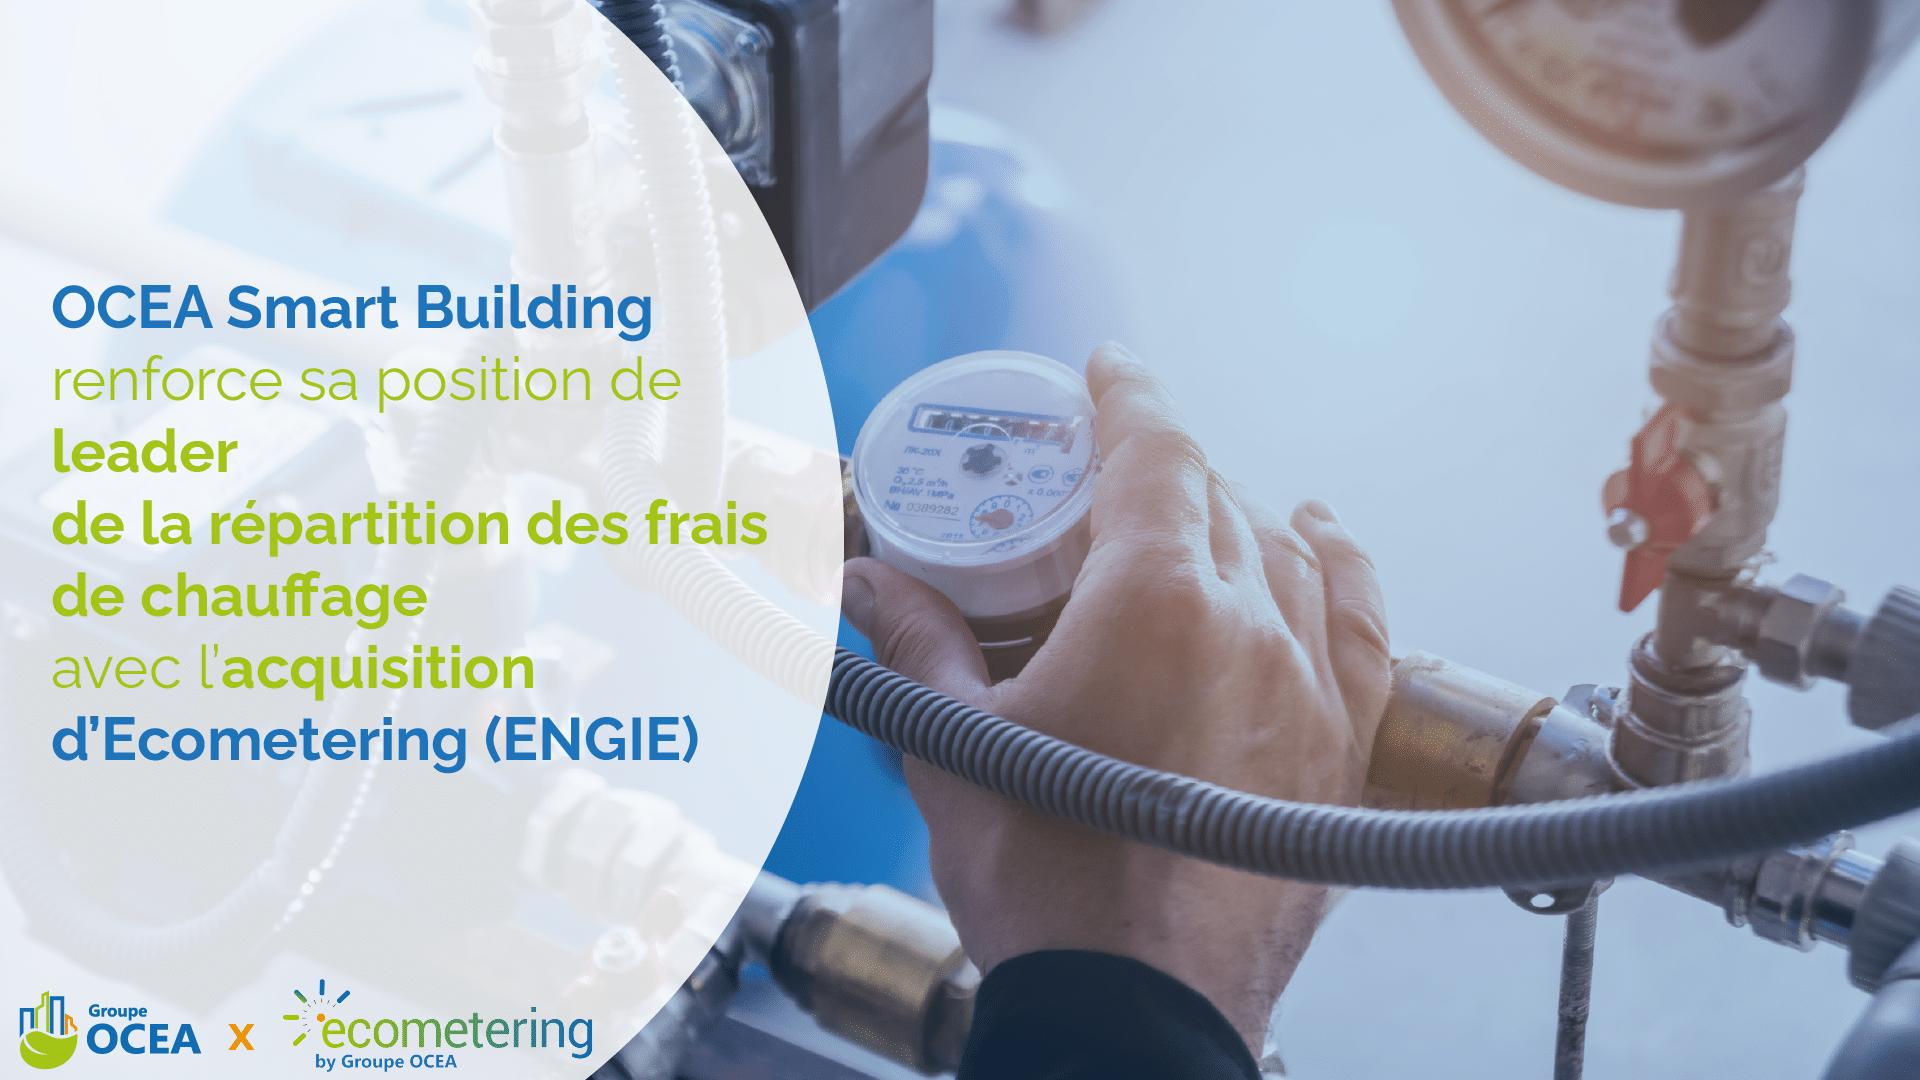 OCEA Smart Building renforce sa position de leader de la répartition des frais de chauffage en France avec l'acquisition d'Ecometering (ENGIE)